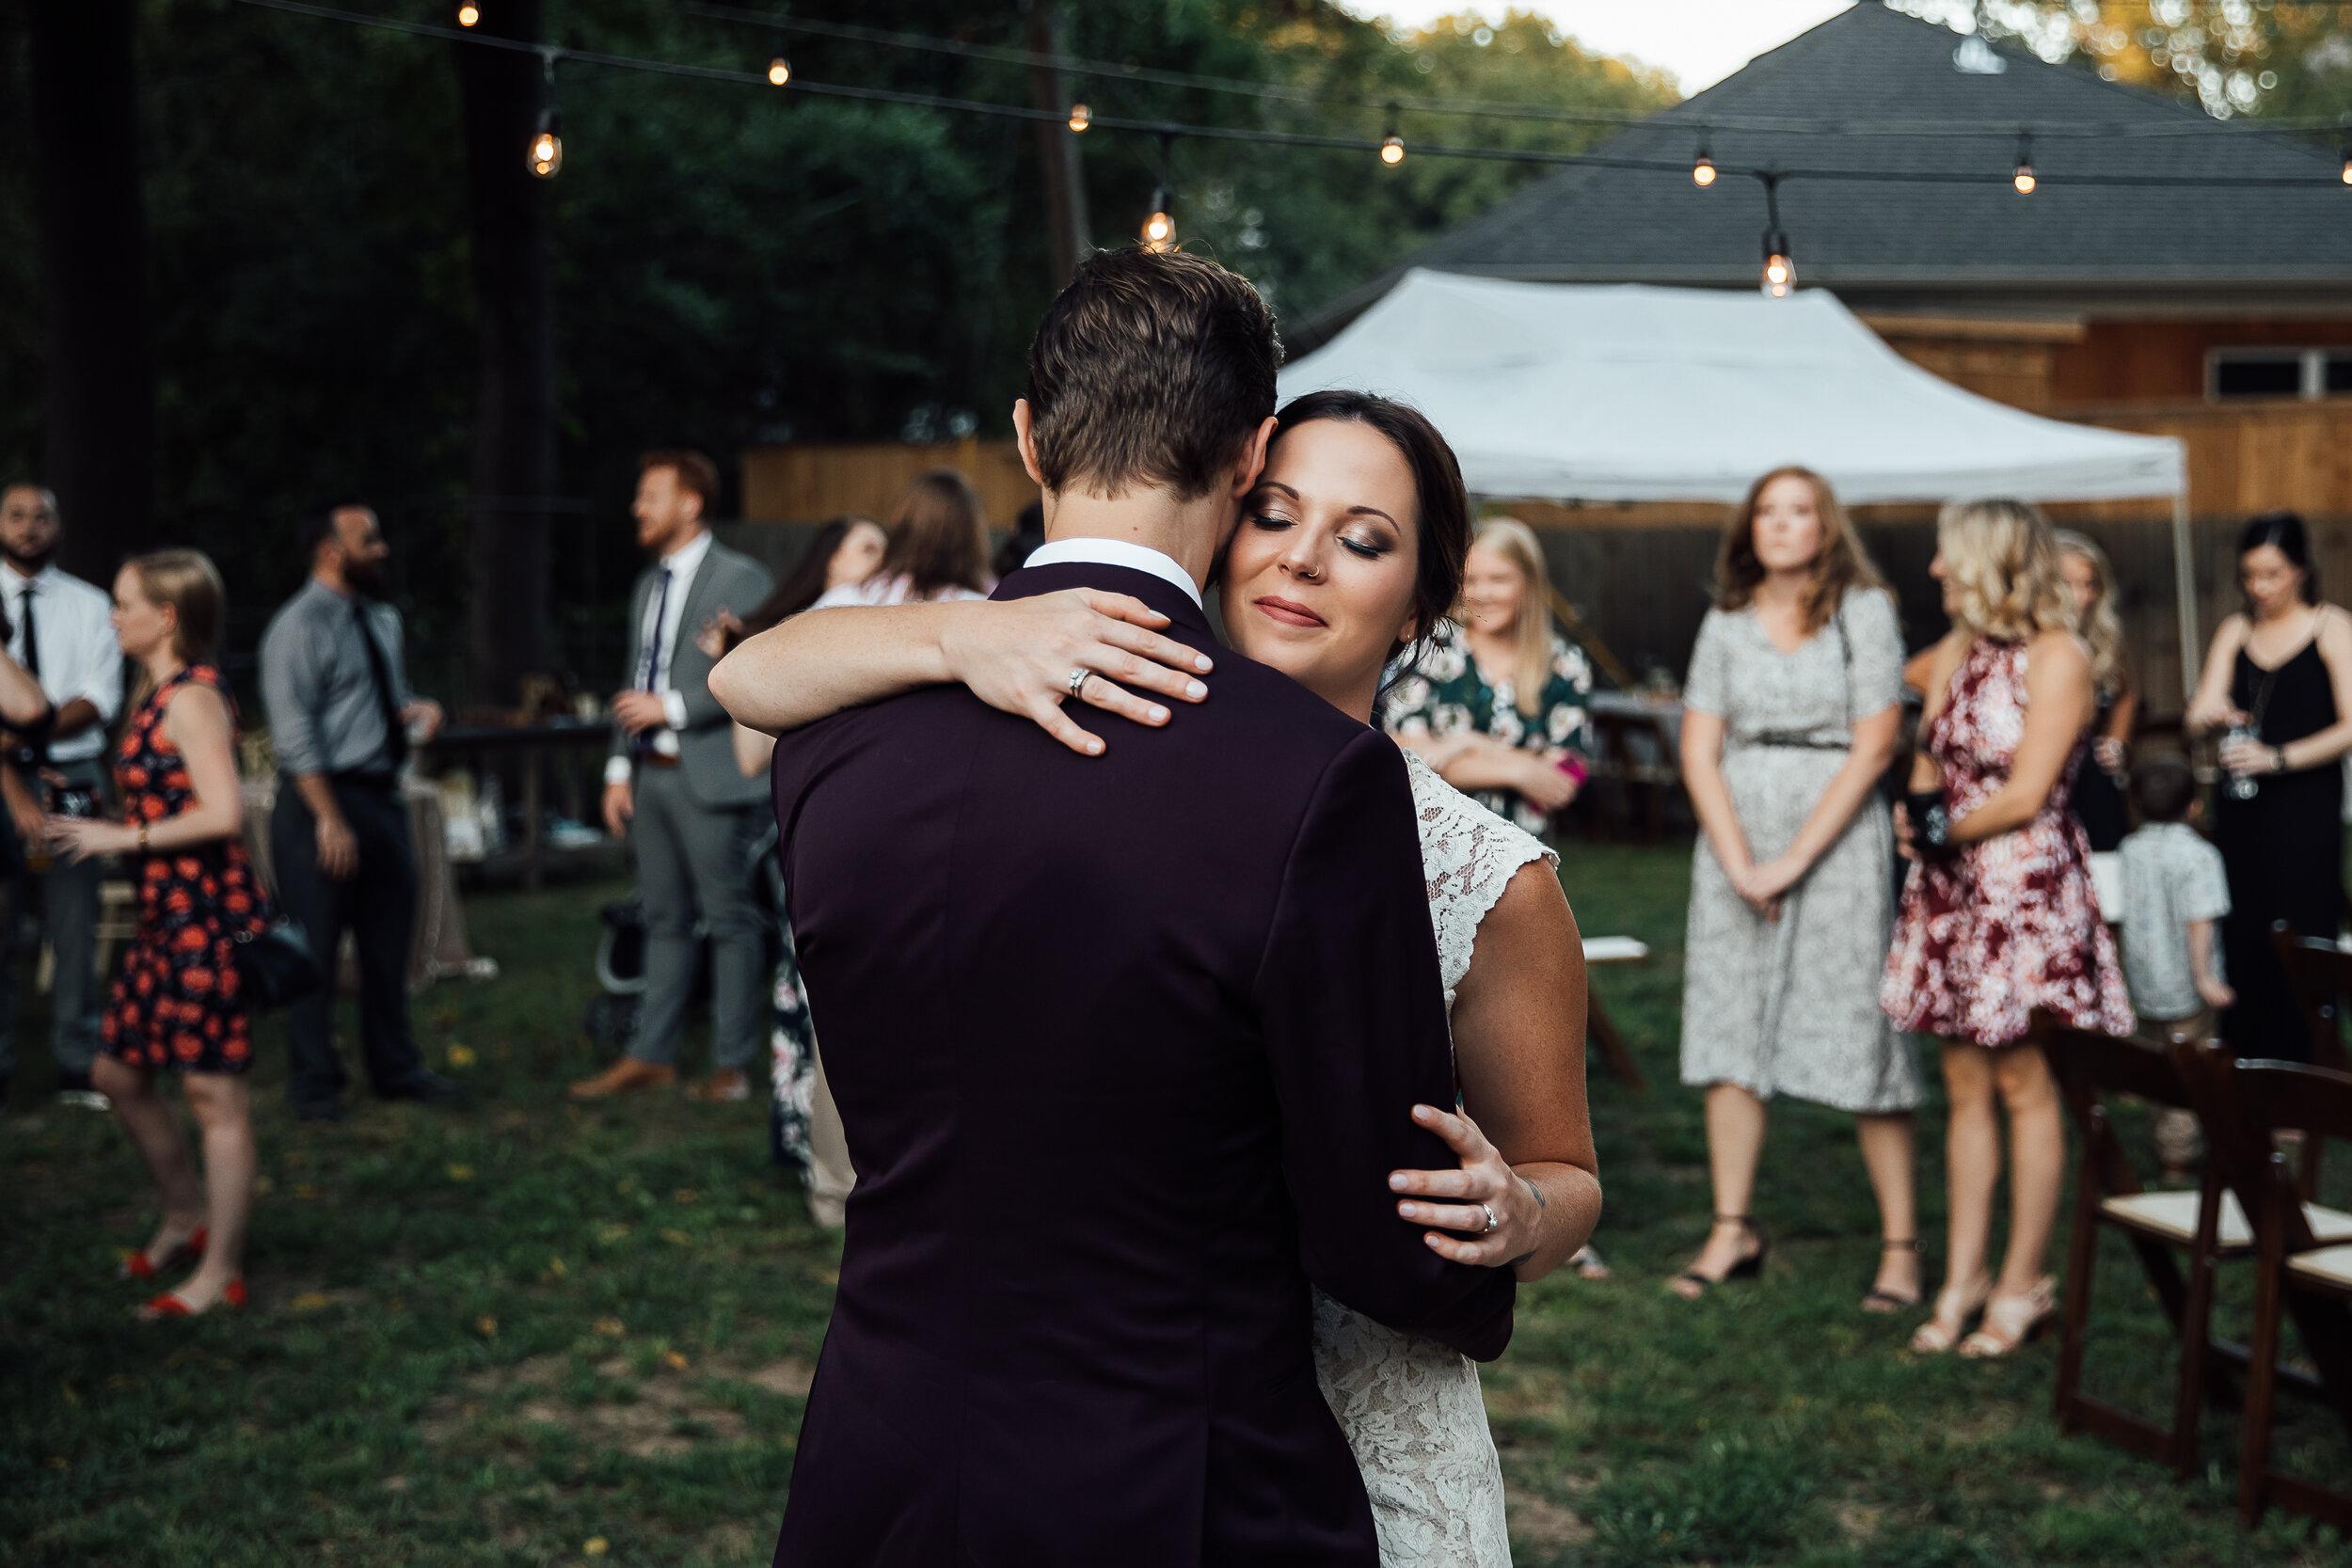 Allison-and-Wesley-Memphis-Backyard-Wedding-TheWarmthAroundYou-61.jpg